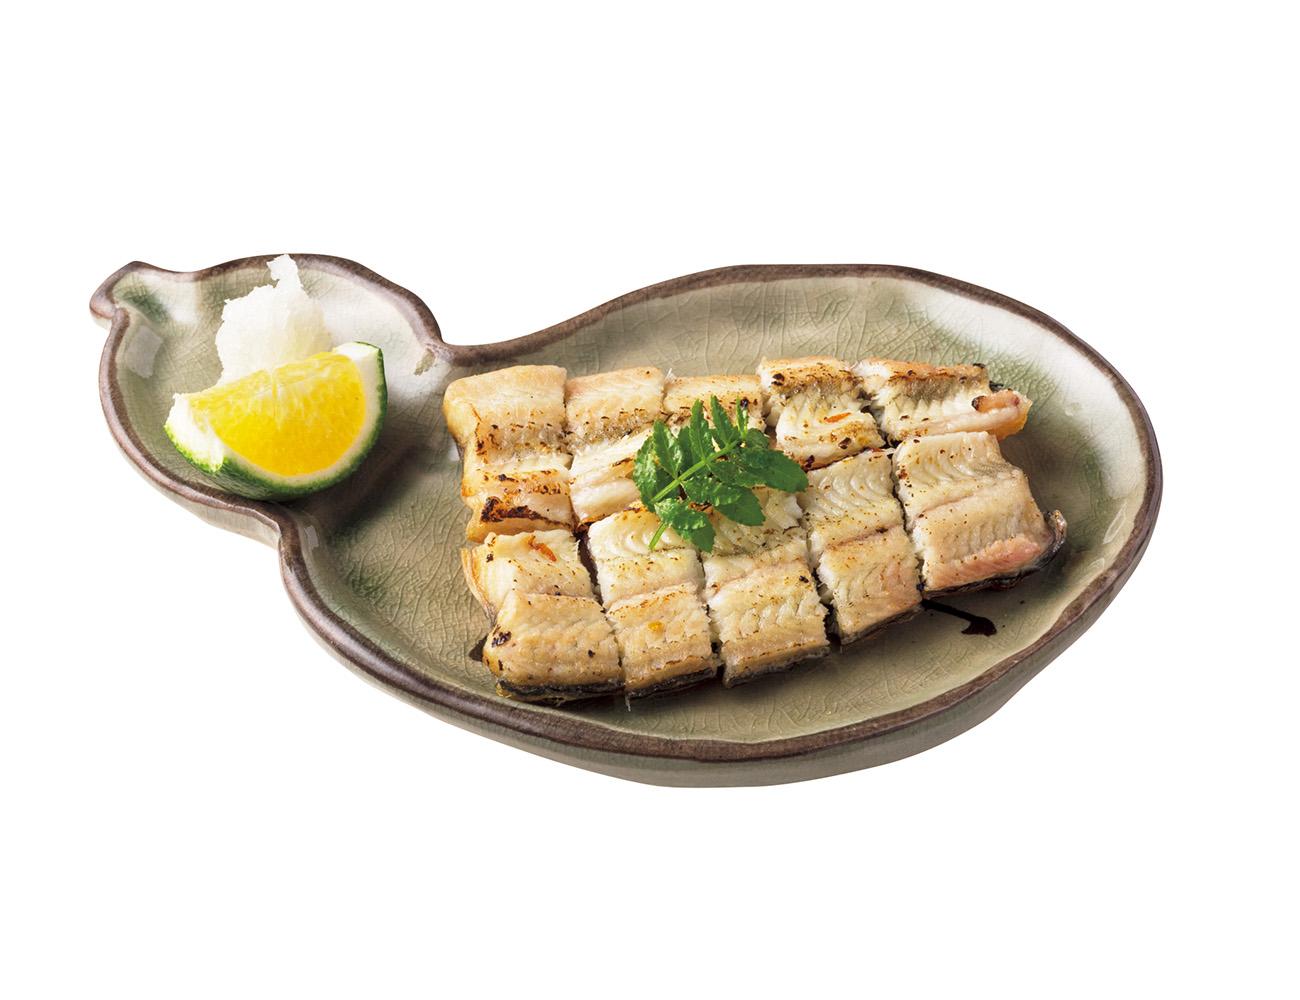 うなぎぬか漬け¥880は、唐津の酒場で出会った旨い肴を再現。